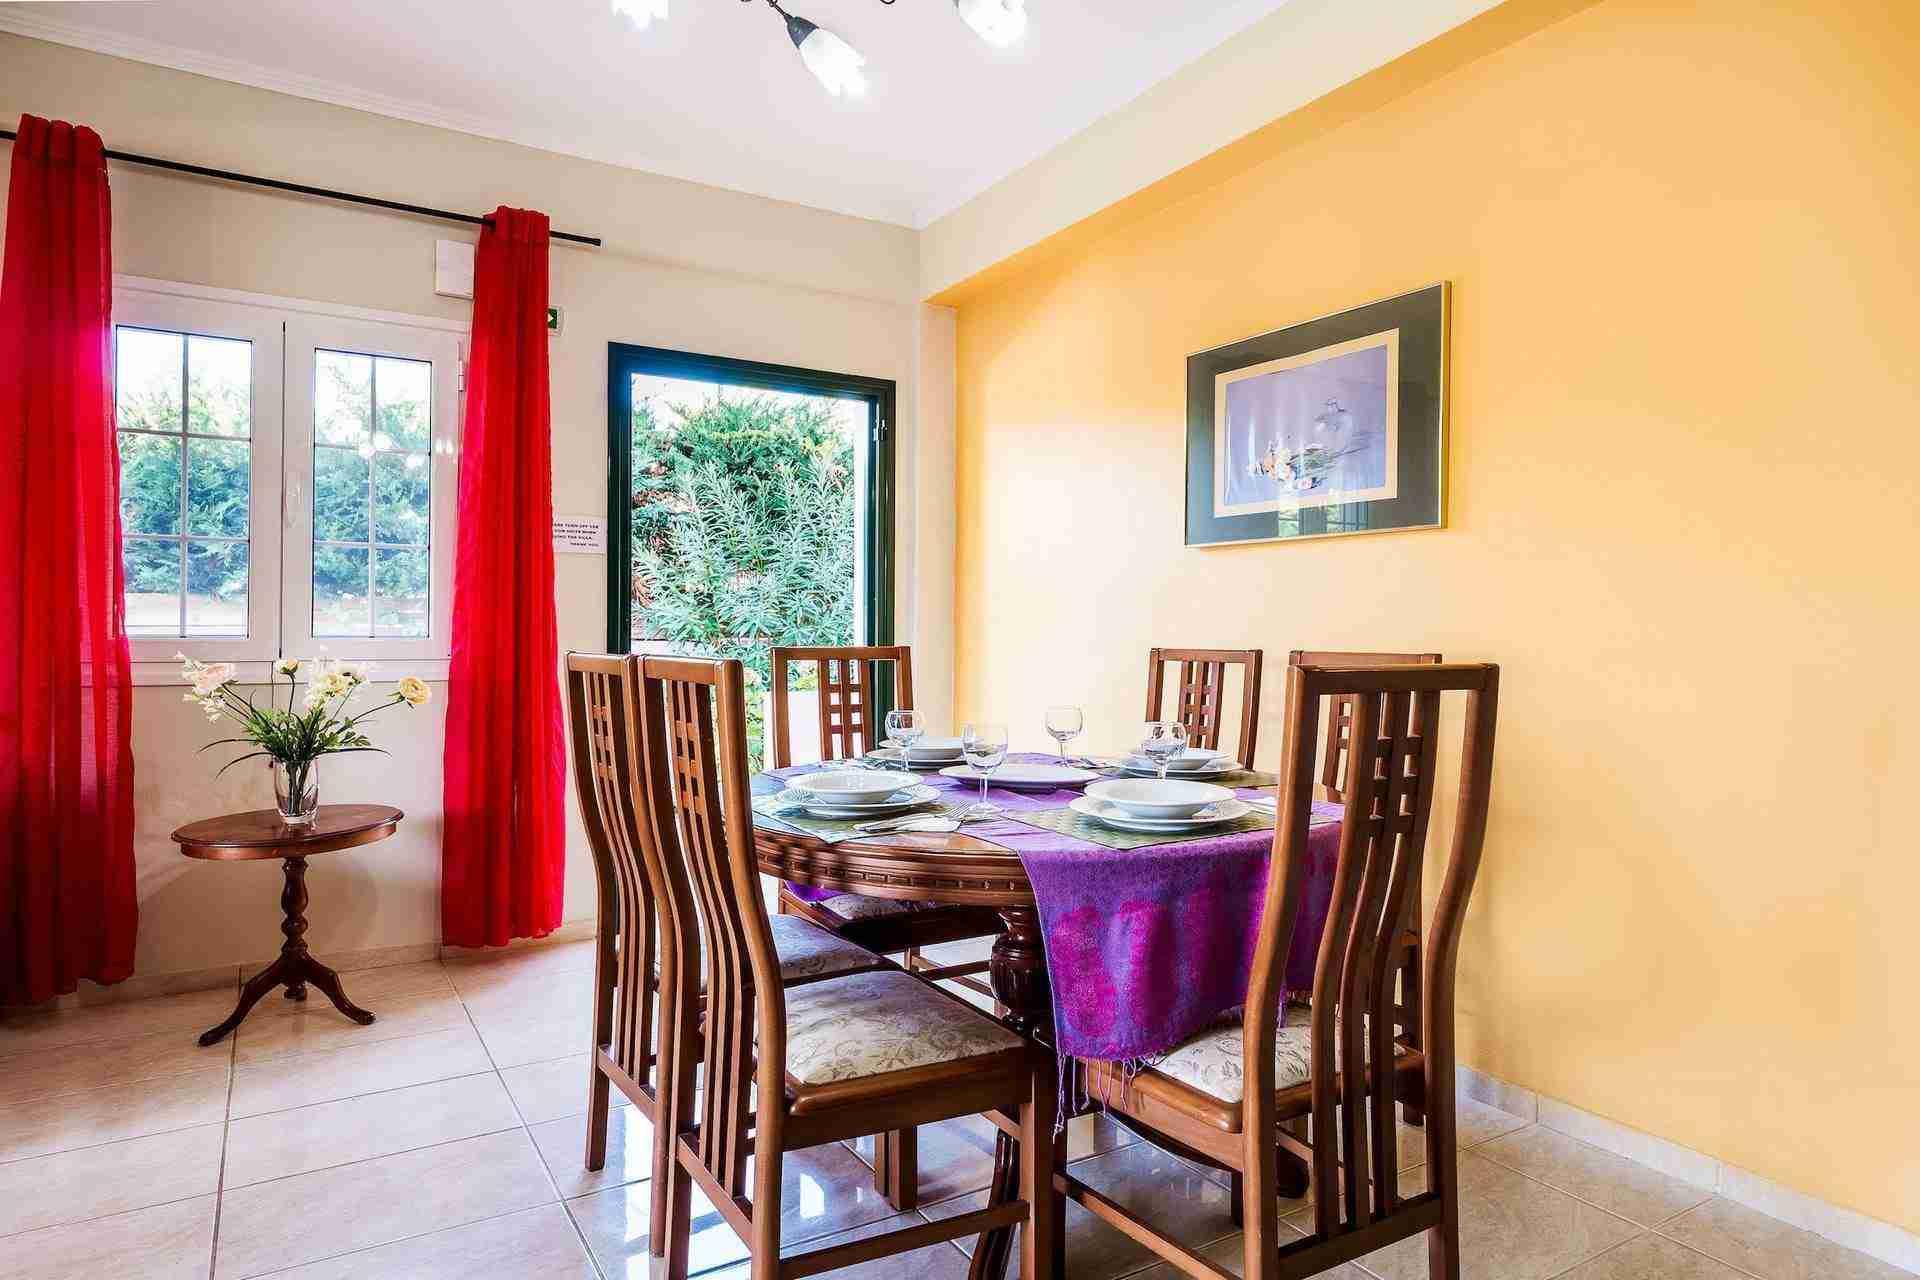 8 Athena Kitchen Table